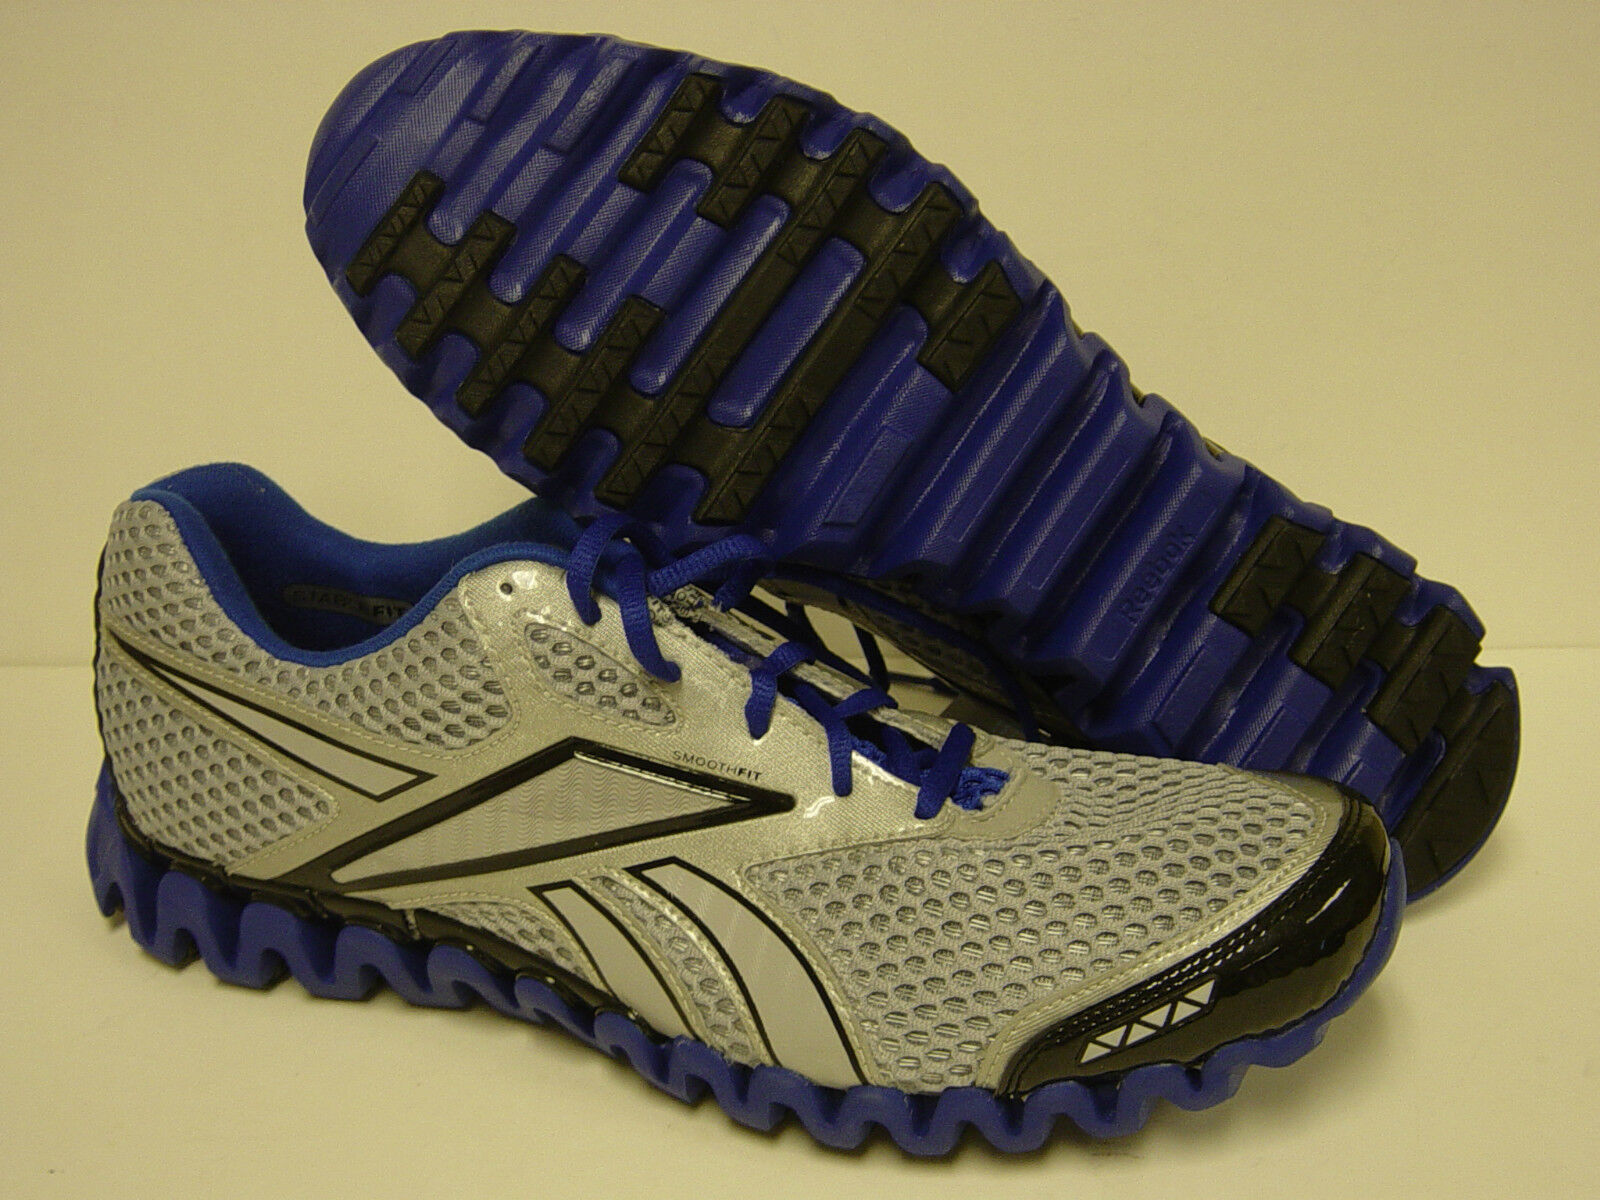 NEW  Uomo REEBOK Premier ZigFly Fly 1-J82660 Grau Blau Zig Fly ZigFly Nano Sneakers Schuhes d69bf4